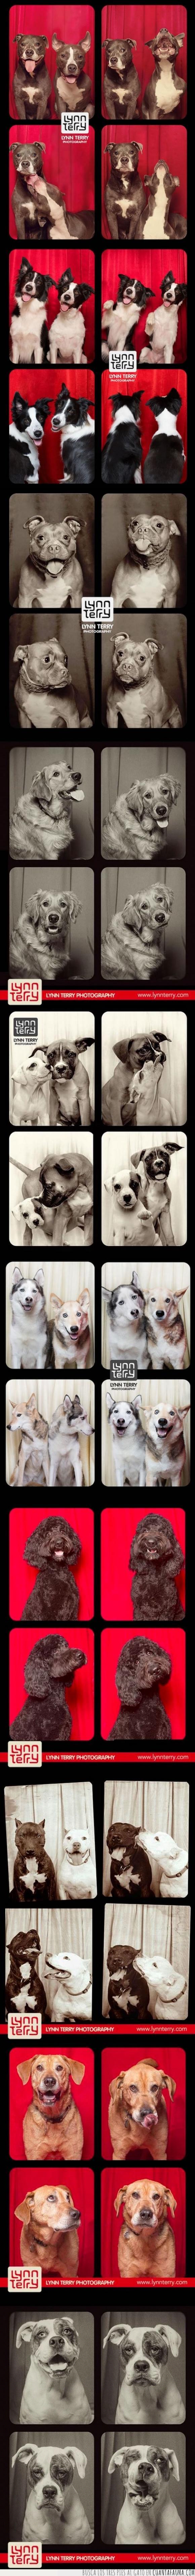 cachorros,efectos,fondos,fotografías,fotos,Perros,Photo Booth